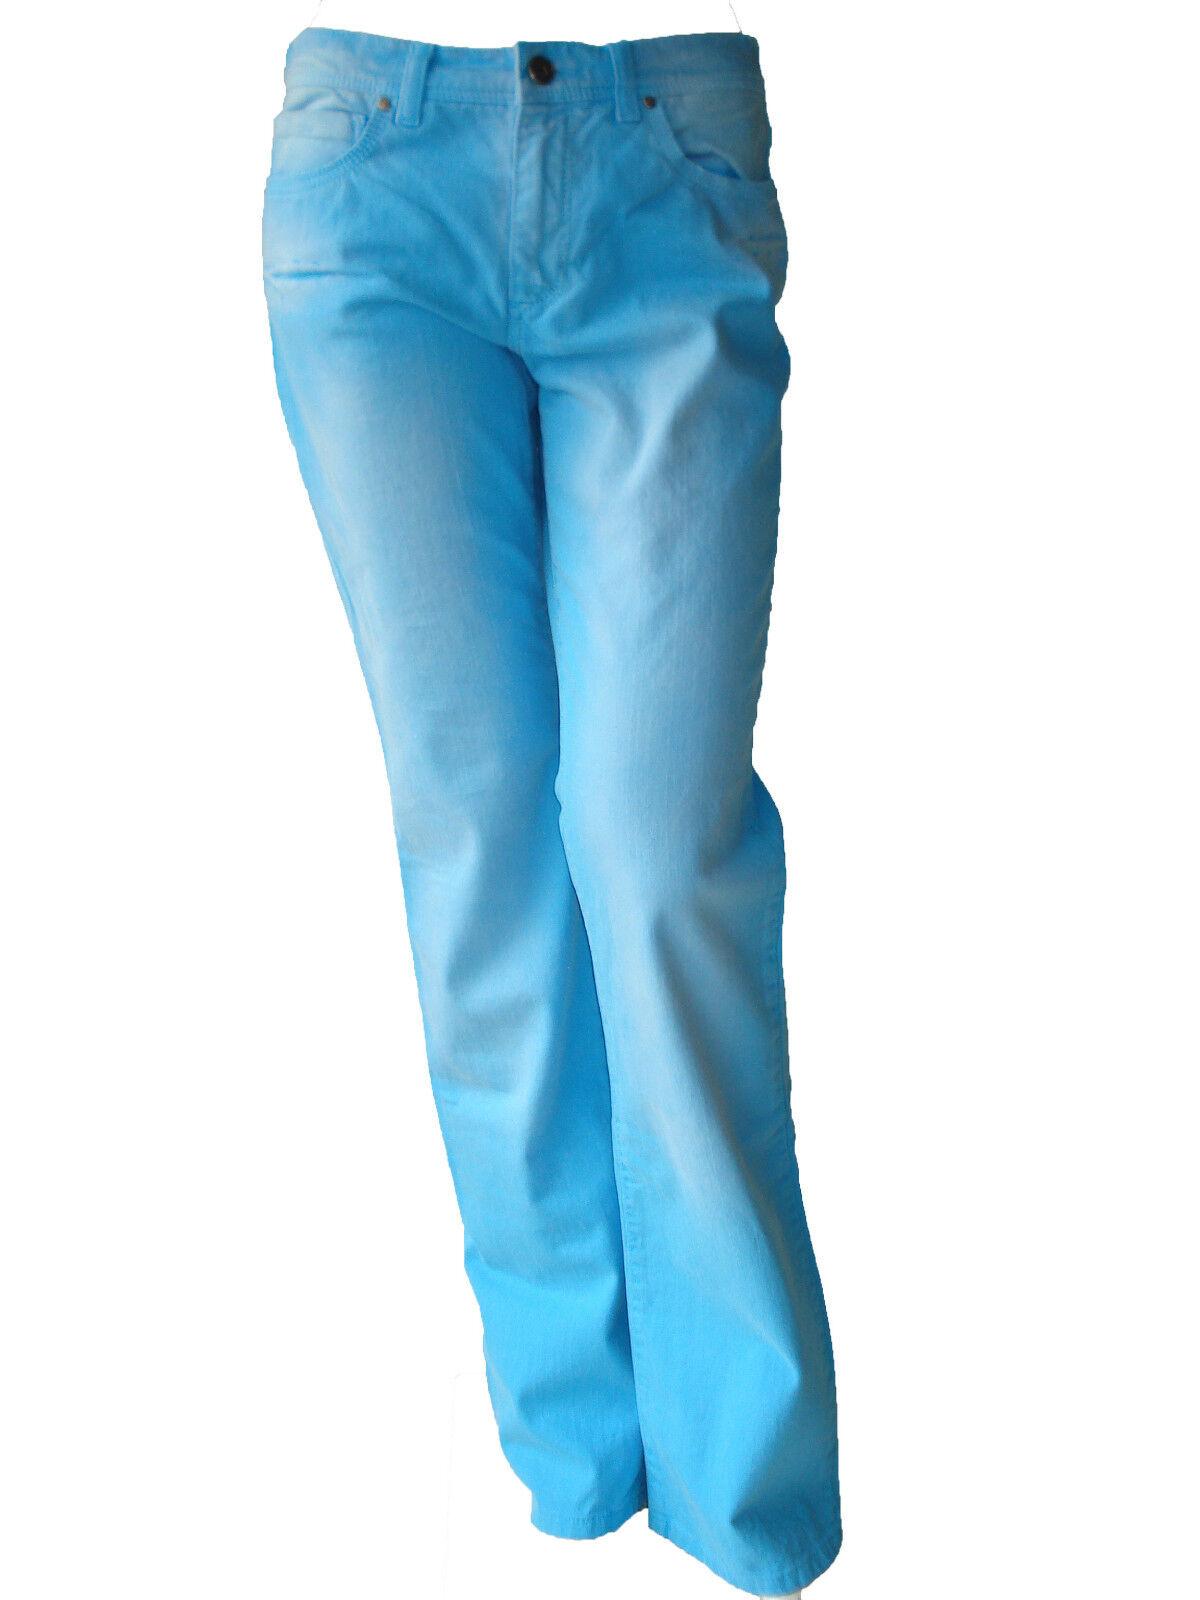 Gianfranco Ferre GF Hose Denim Jeans Regular Strass blue 28 29 30